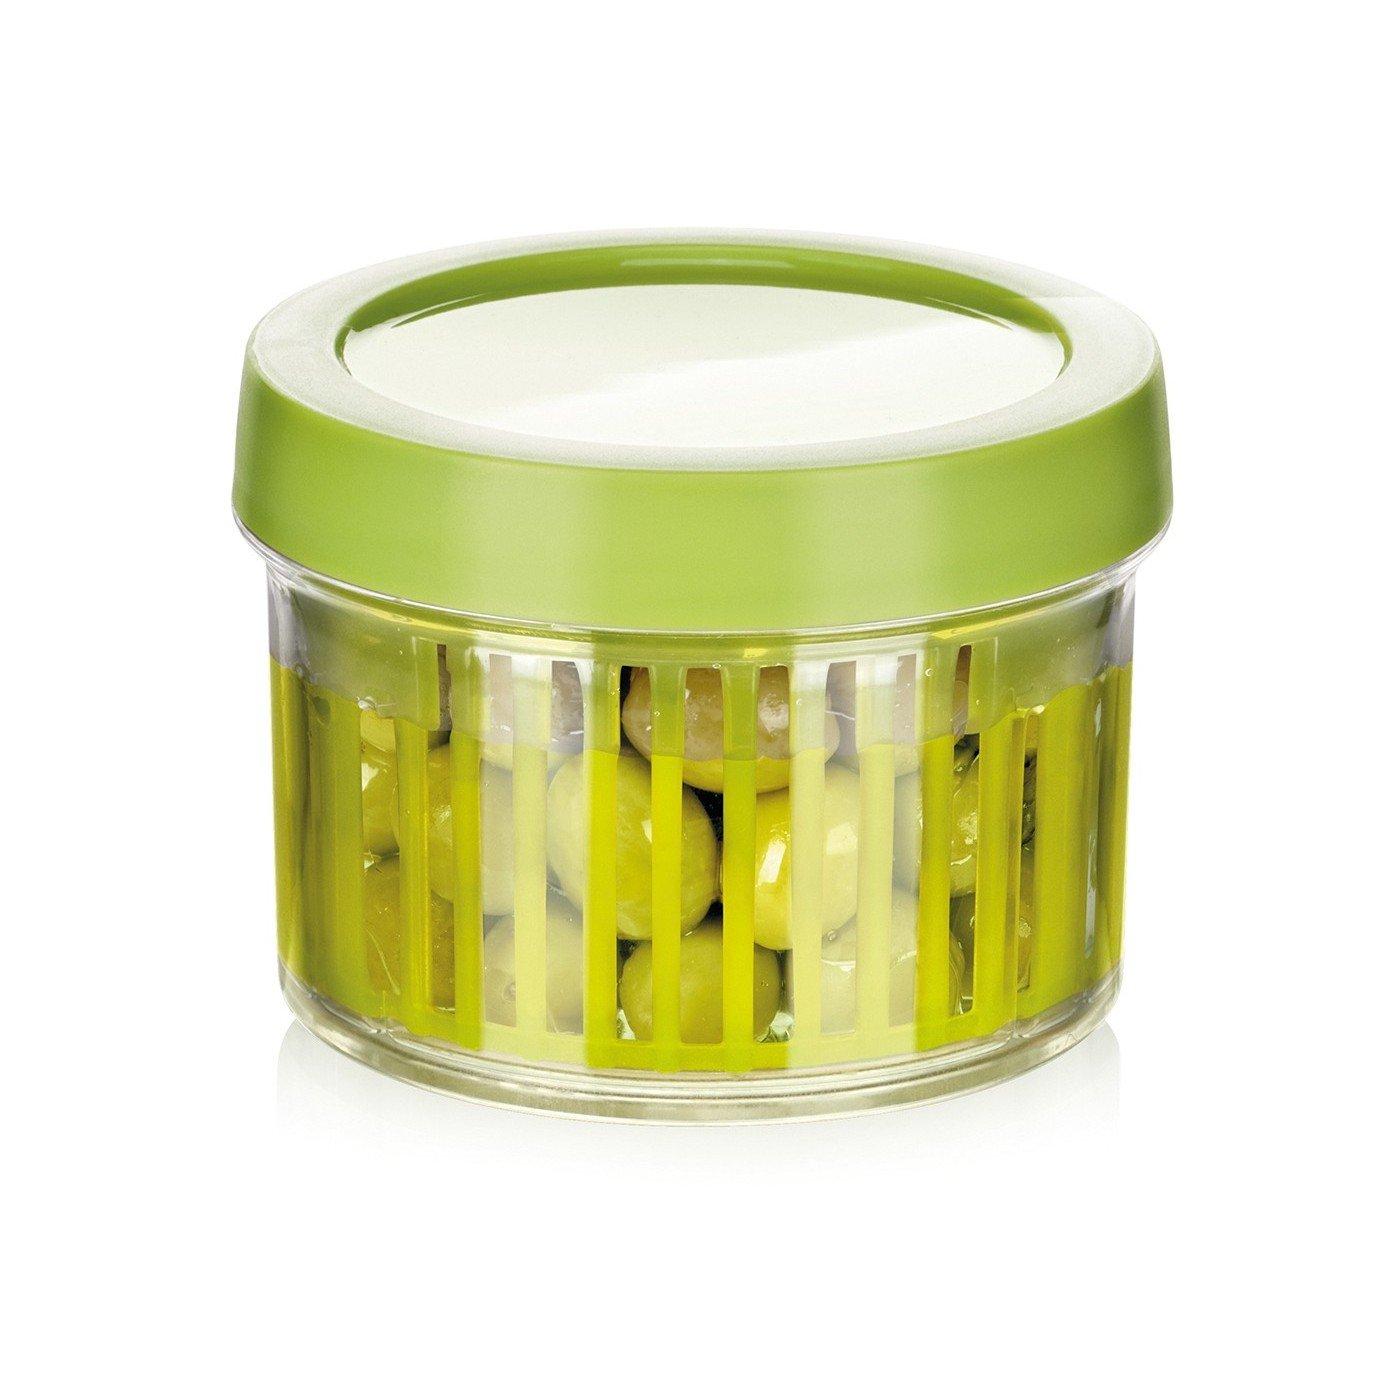 Unbekannt Essiggurken Beh/älter Pickle Jar Butler und Beh/älter f/ür eingelegtes Gem/üse Oliven etc